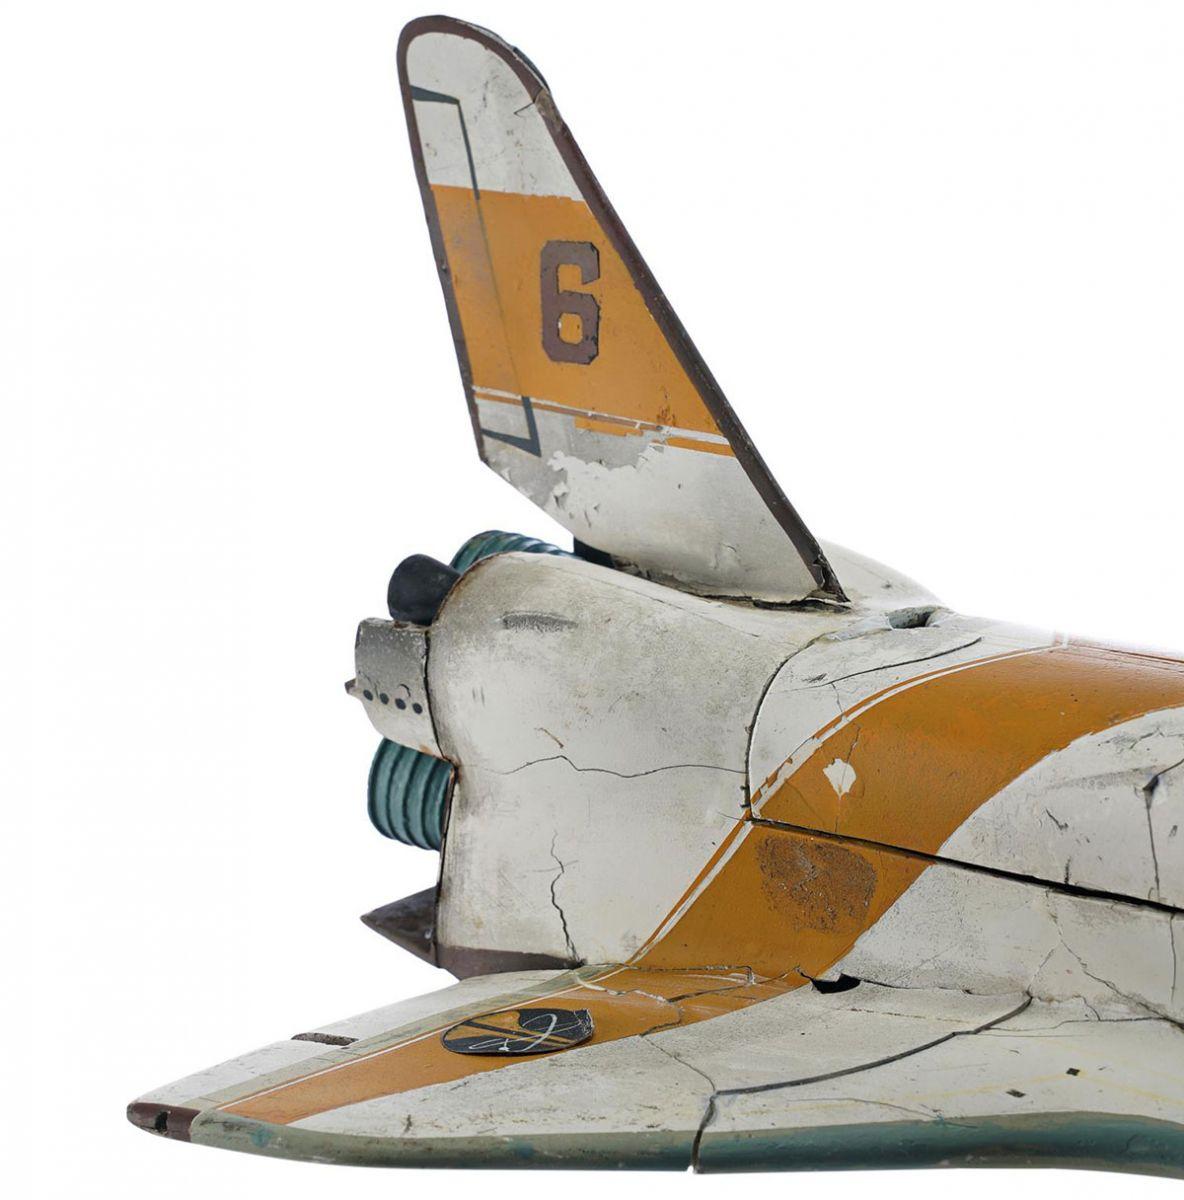 moonraker shuttle tail detail auction model